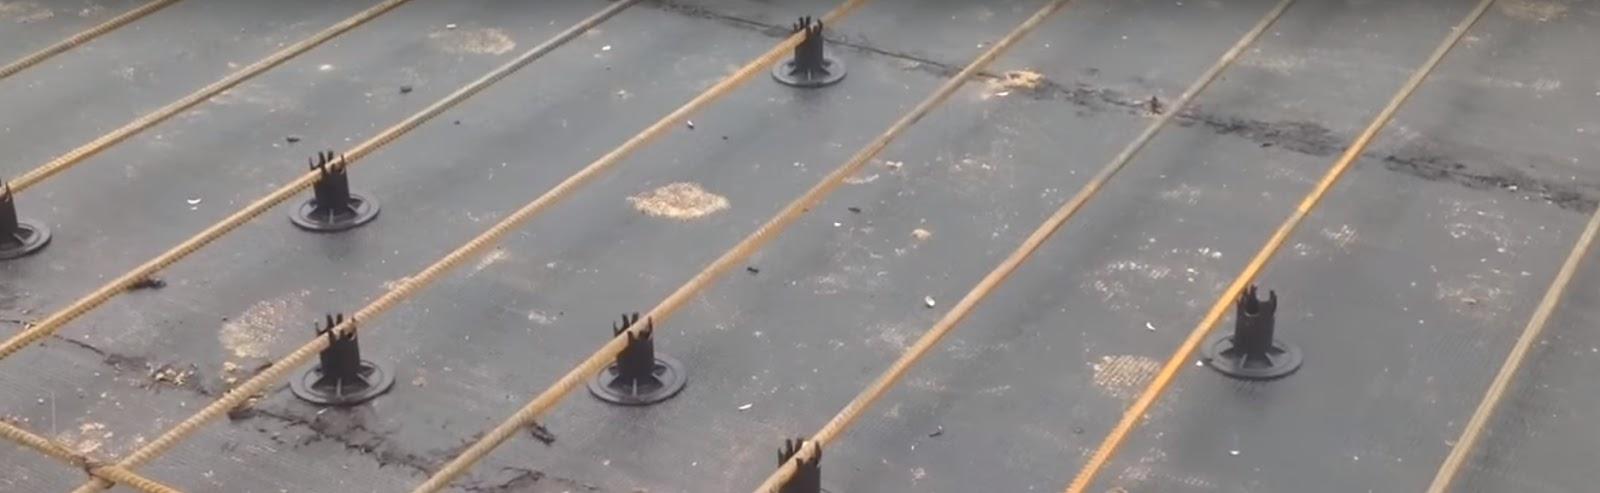 толщина монолитной плиты в сантиметрах